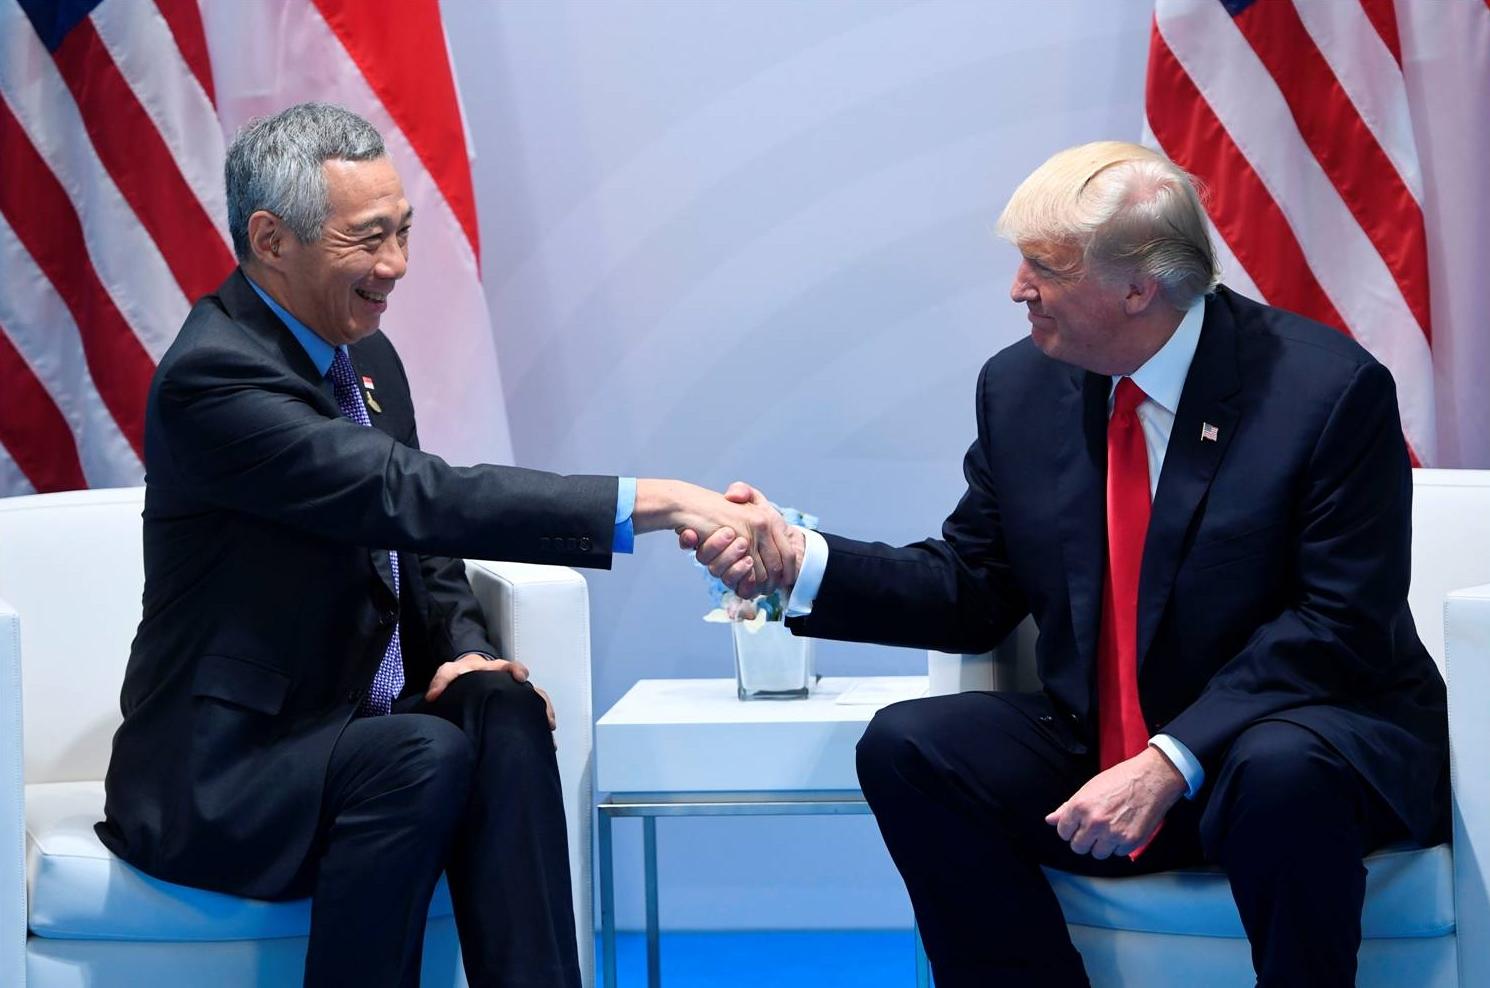 trumplee-handshake